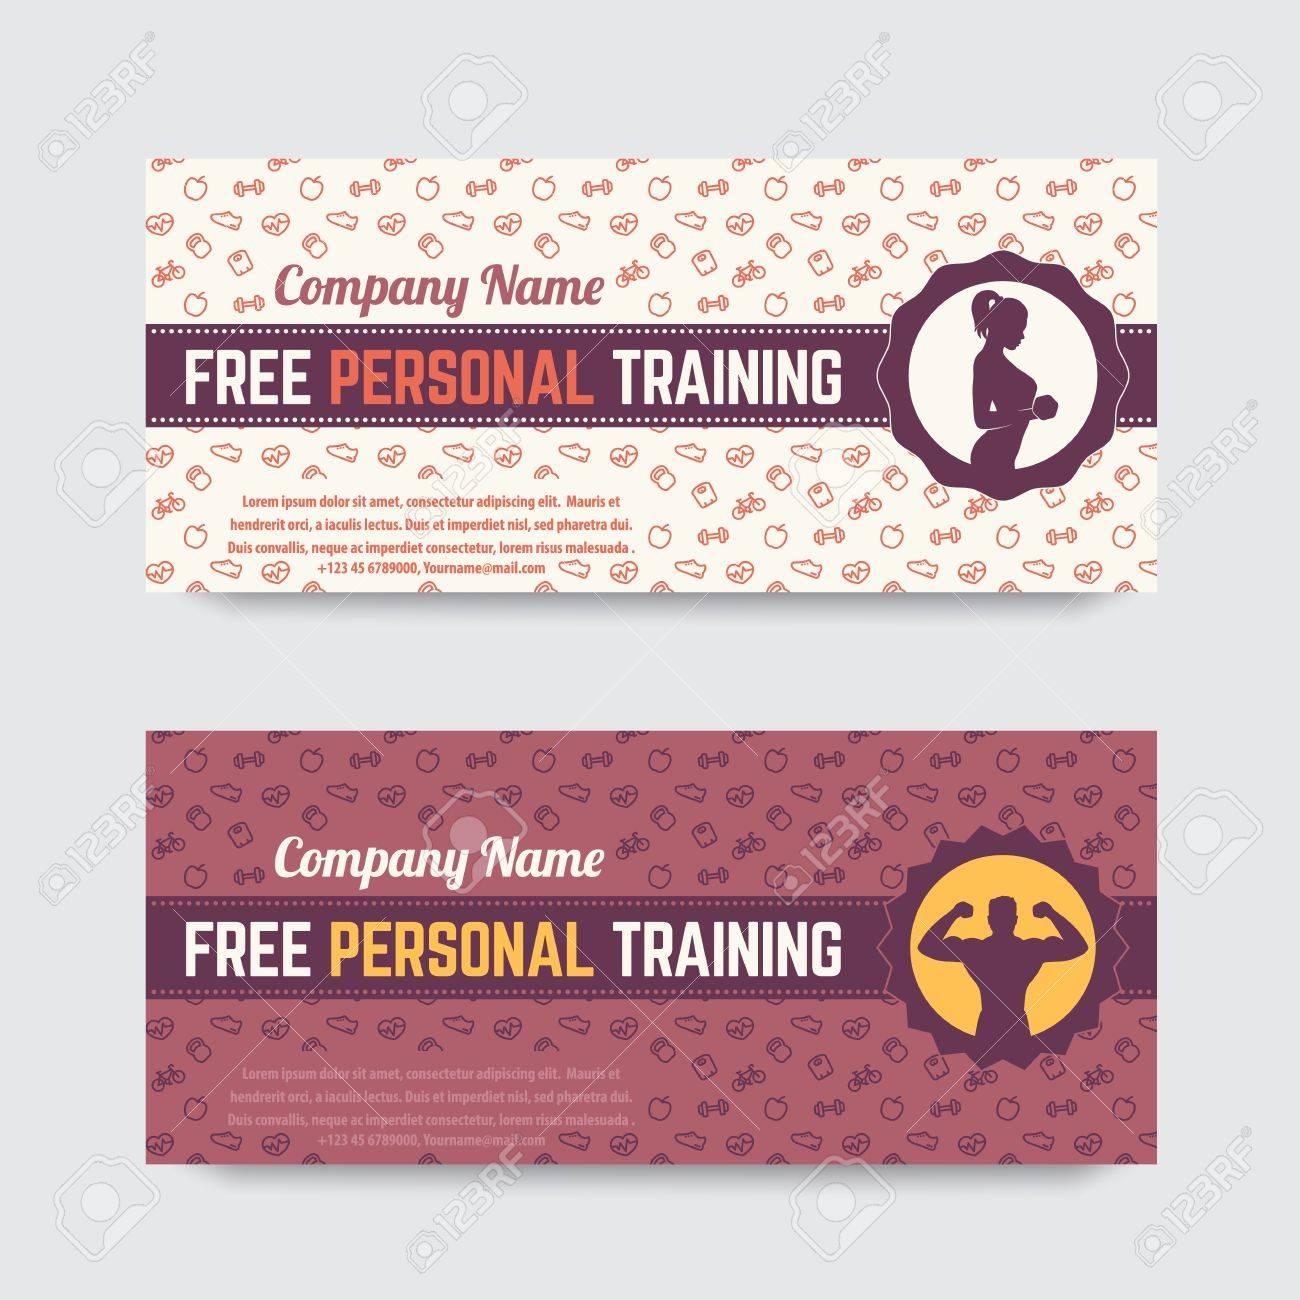 Kostenlose Personal Training, Geschenkgutschein Design Für Fitness ...